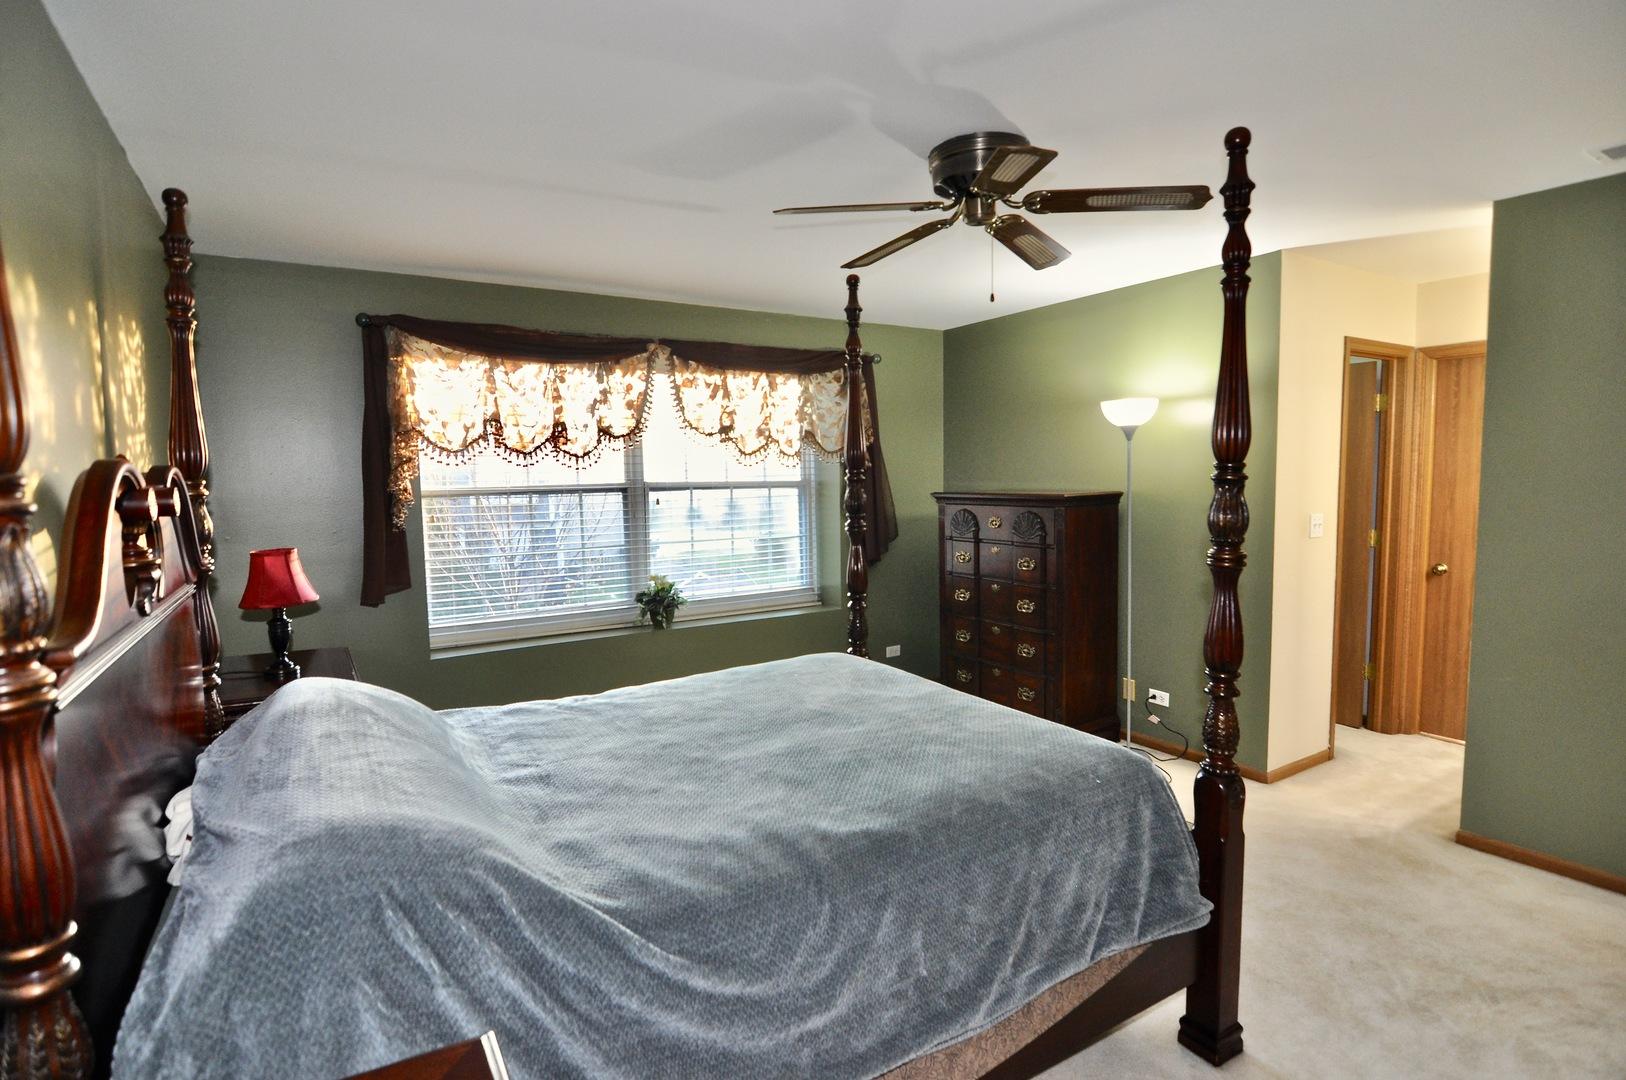 3148 Village Green, AURORA, Illinois, 60504